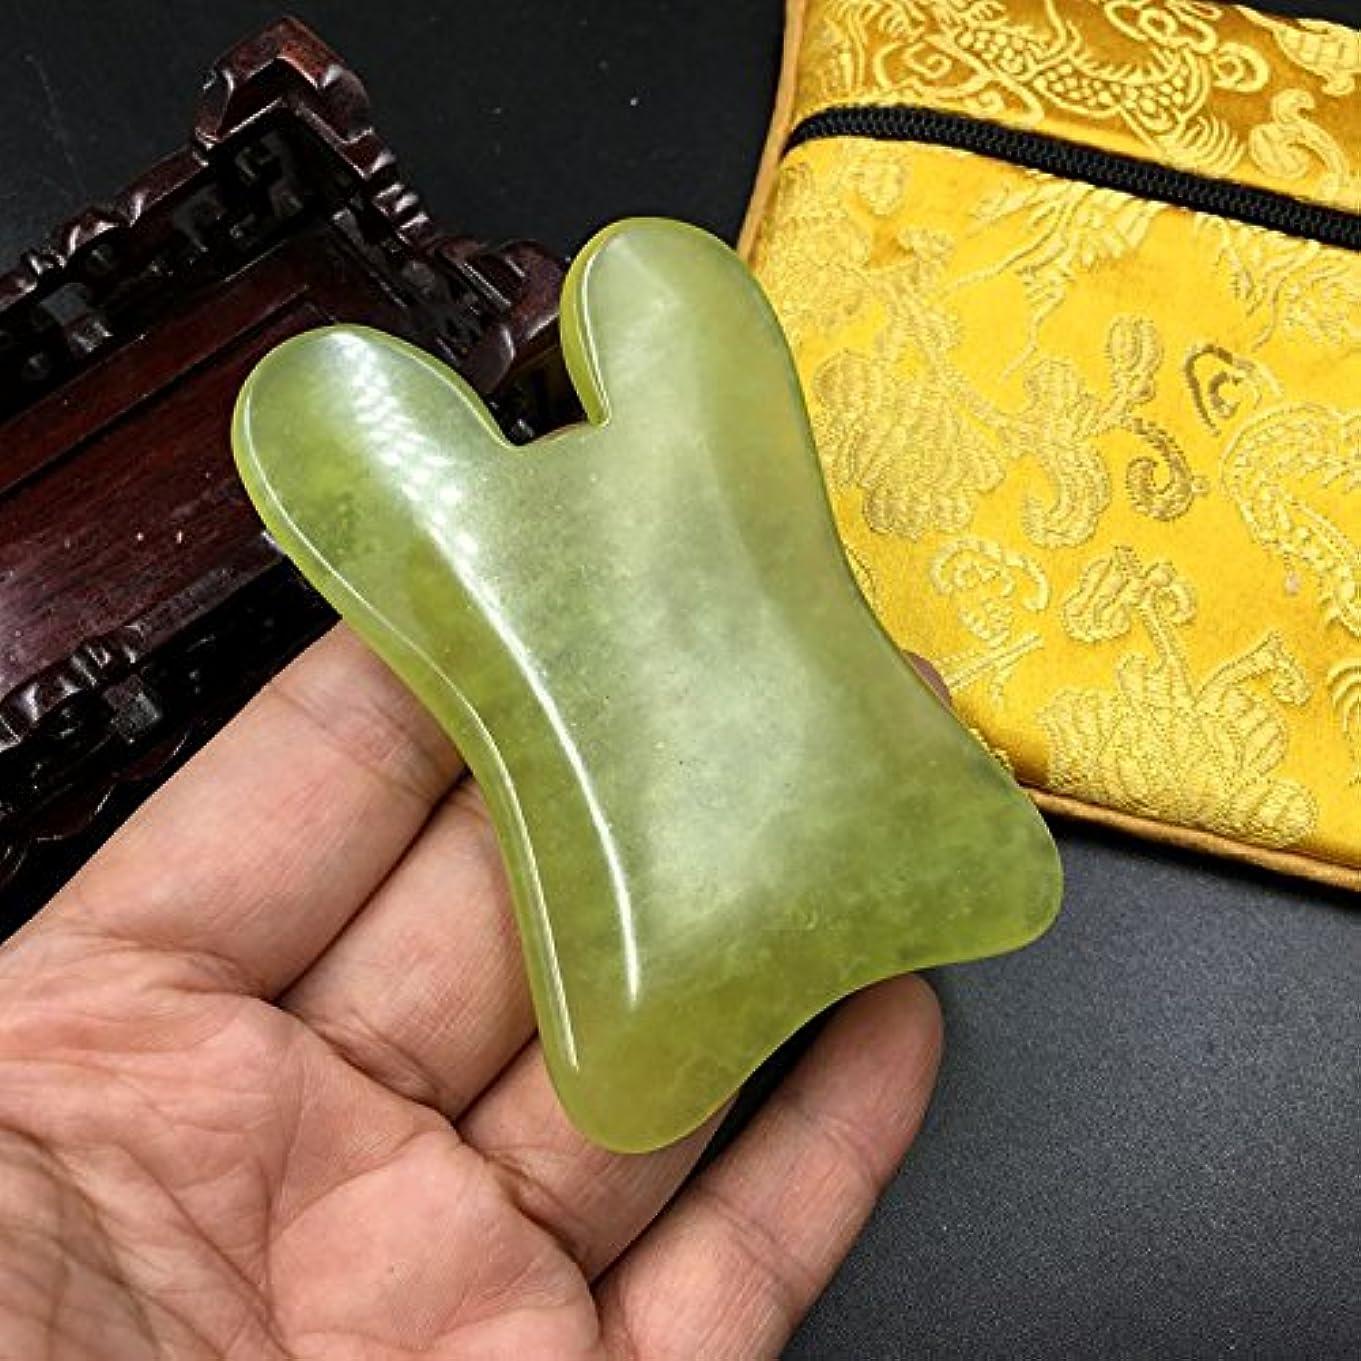 スクラッチスキッパーファイバ1点1pcFace / Body Massage Natural Jade Gua Sha Board U 形 shape かっさプレート 天然石 翡翠(顔?ボディのリンパマッサージ)